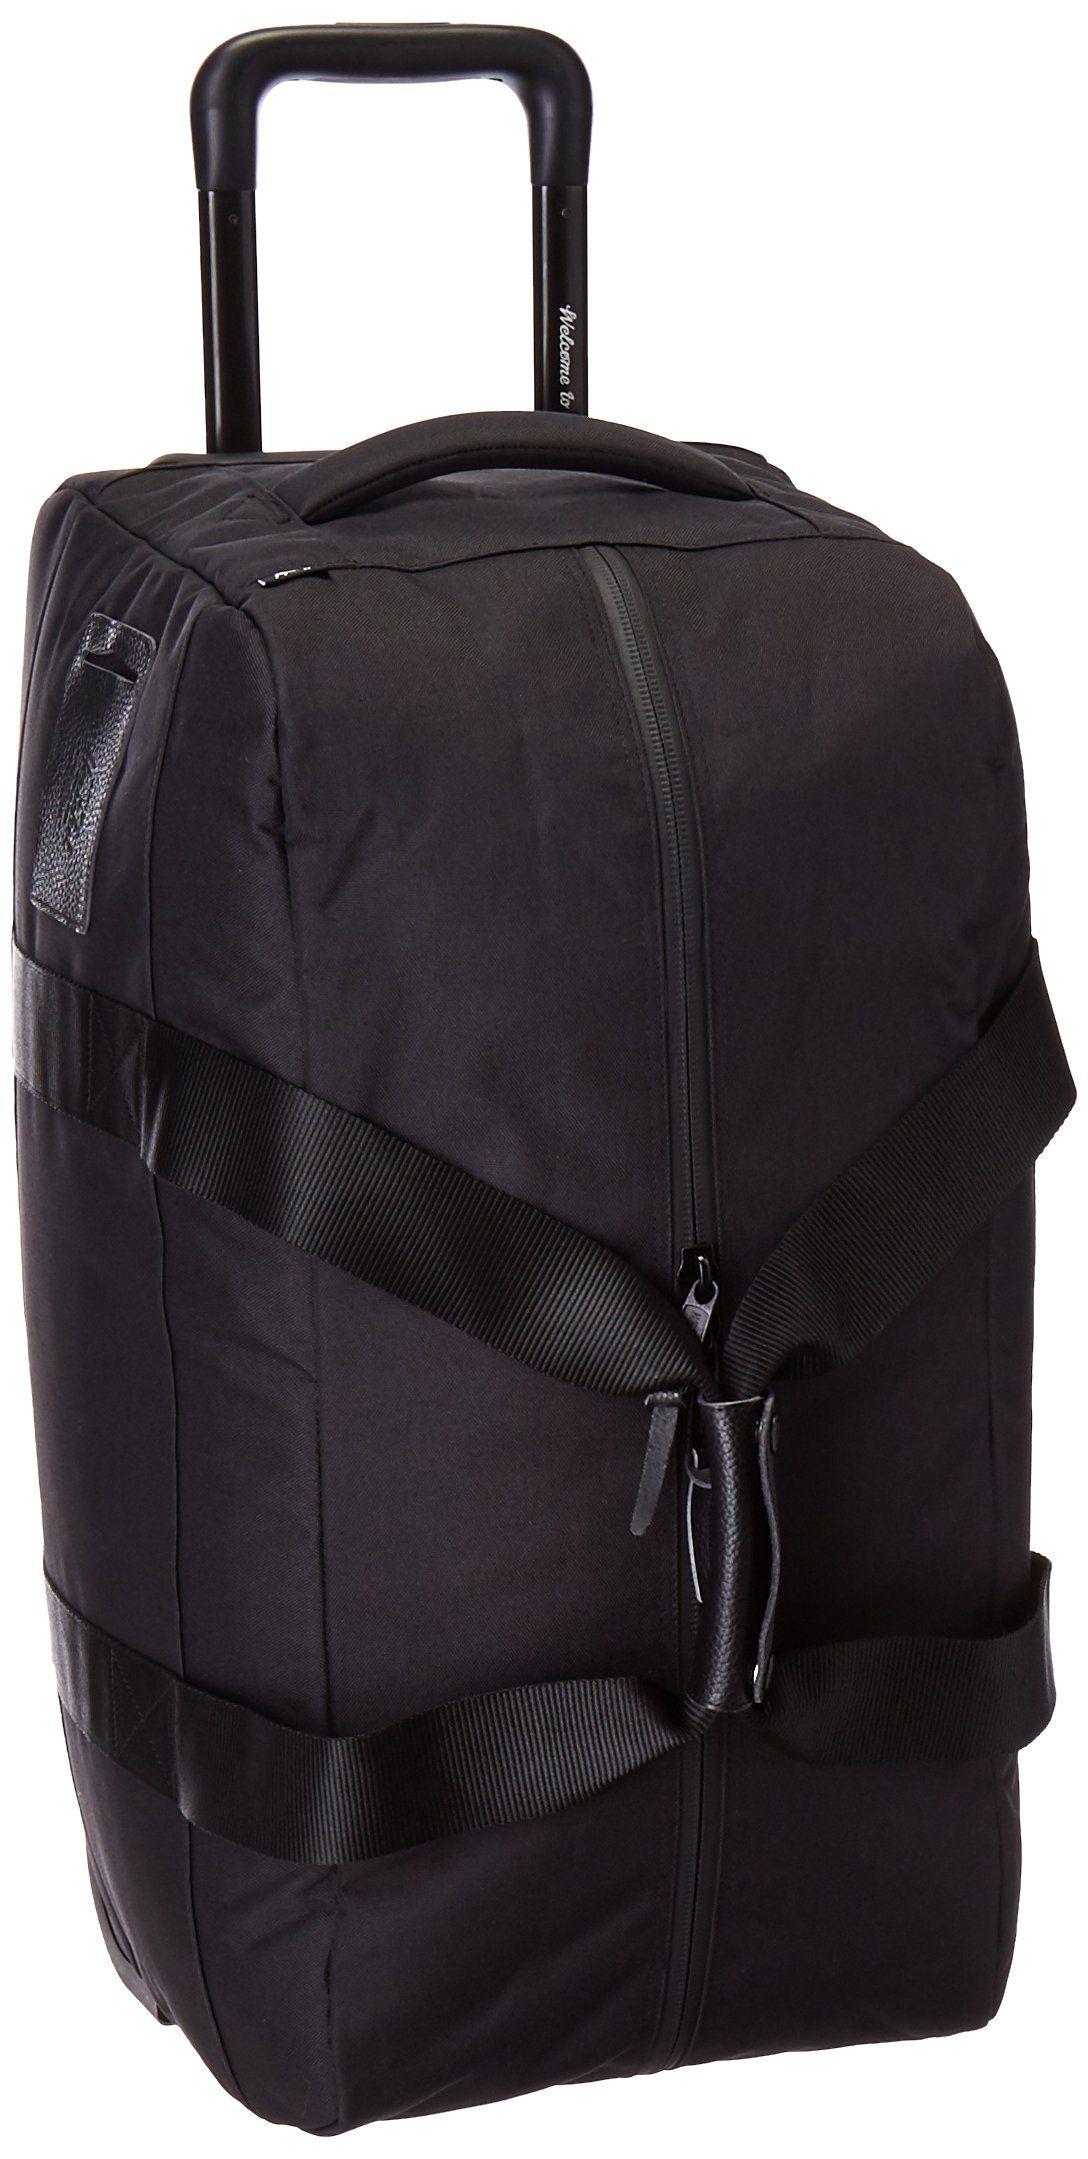 76ca056f43 Herschel Supply Co. Wheelie Outfitter Duffle Bag